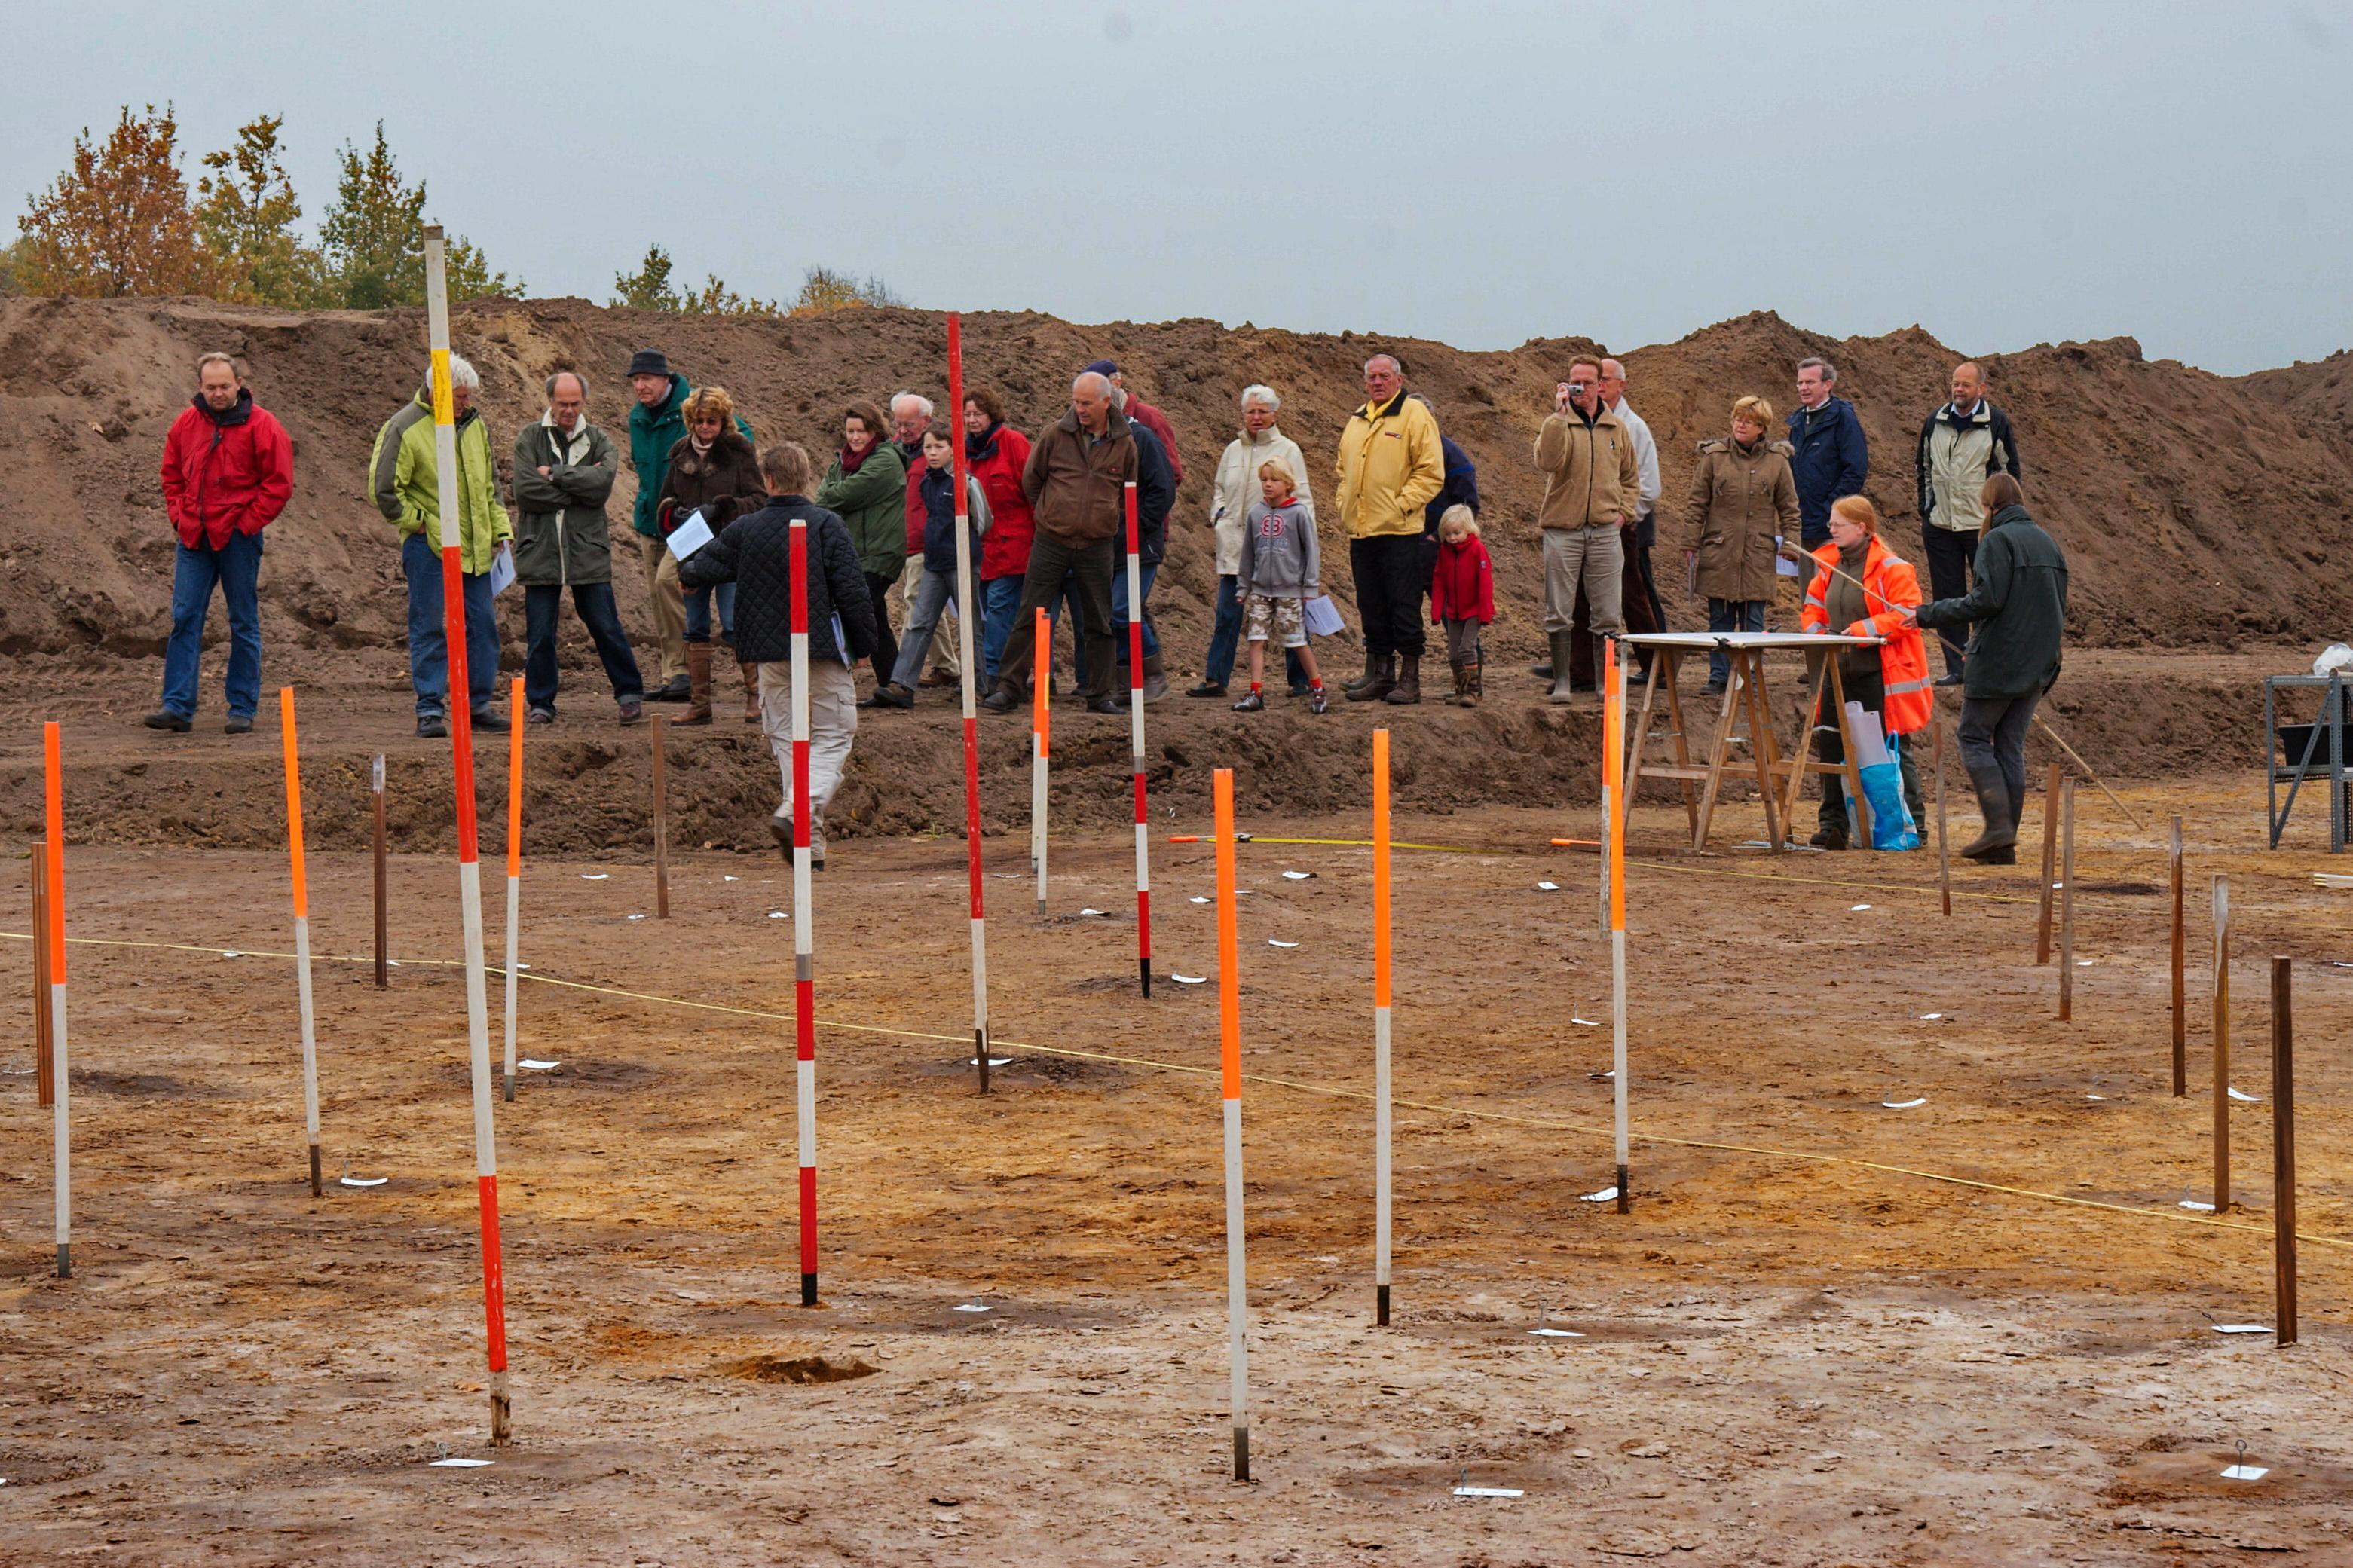 Opgraving Schammer, Leusden - Open dag. De palen van de plattegrond van een boerderij zijn gemarkeerd